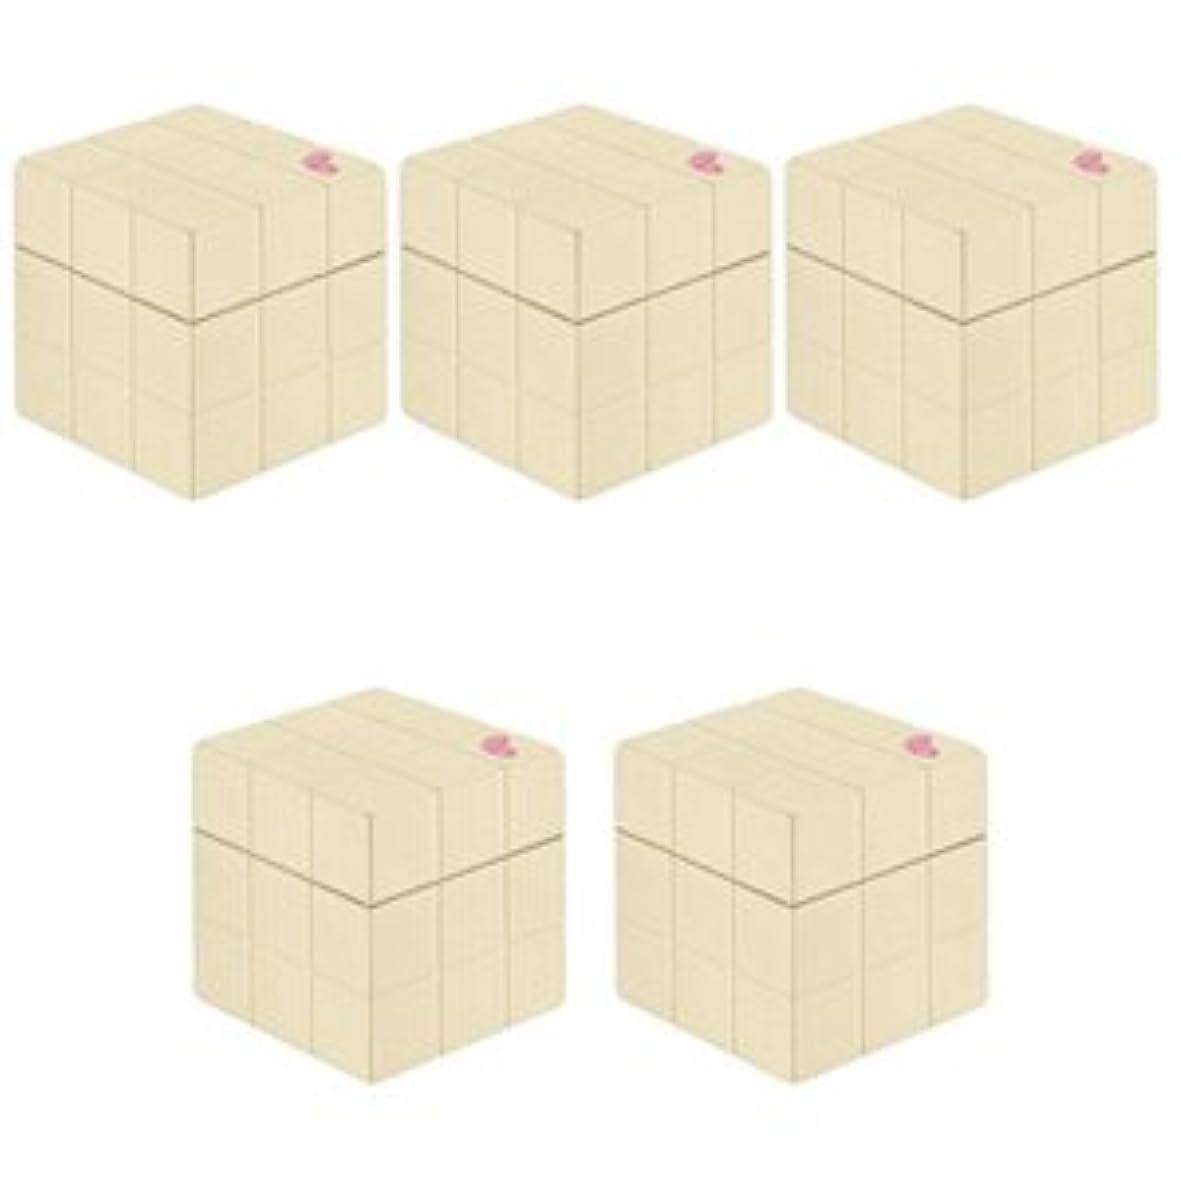 【X5個セット】 アリミノ ピース プロデザインシリーズ ニュアンスワックス バニラ 80g